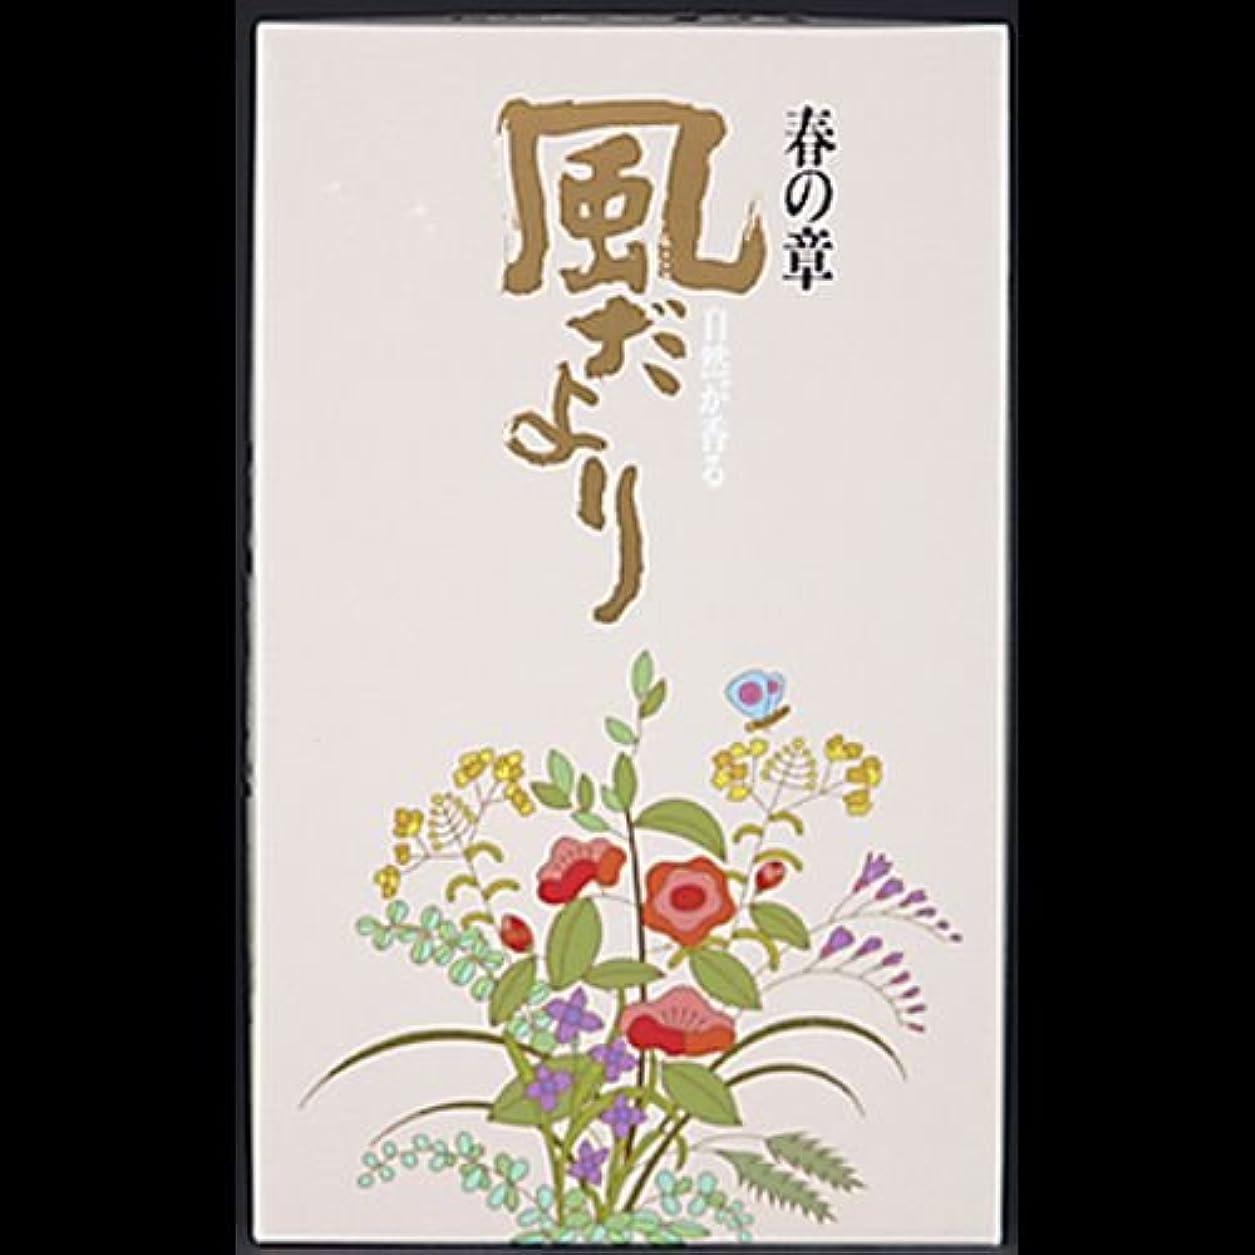 自発浪費ボーカル【まとめ買い】風だより 春の章 バラ詰 ×2セット